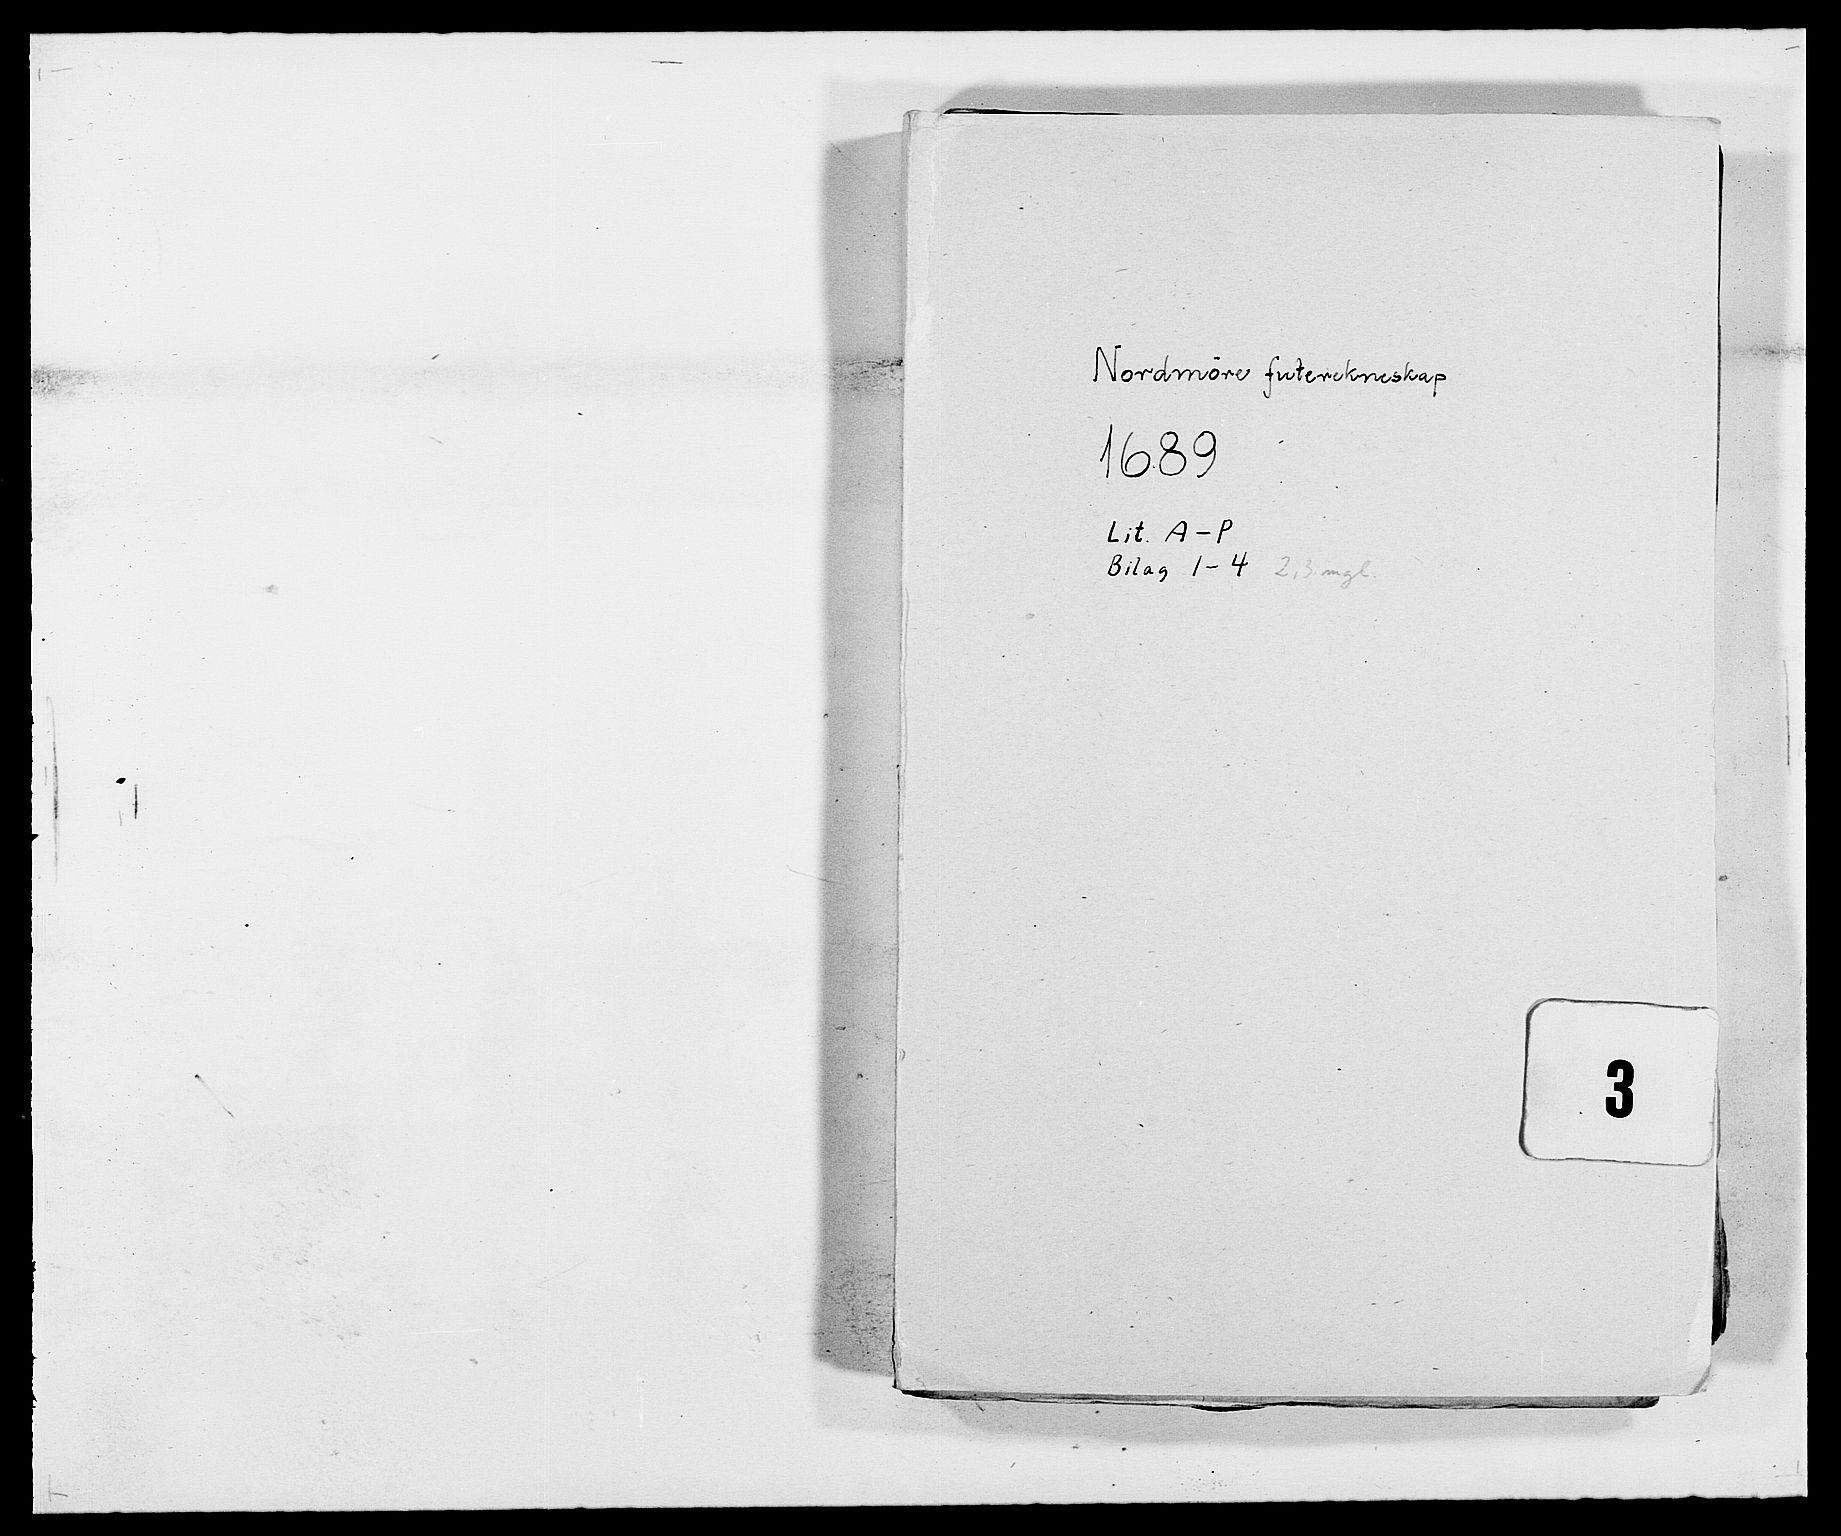 RA, Rentekammeret inntil 1814, Reviderte regnskaper, Fogderegnskap, R56/L3733: Fogderegnskap Nordmøre, 1687-1689, s. 340